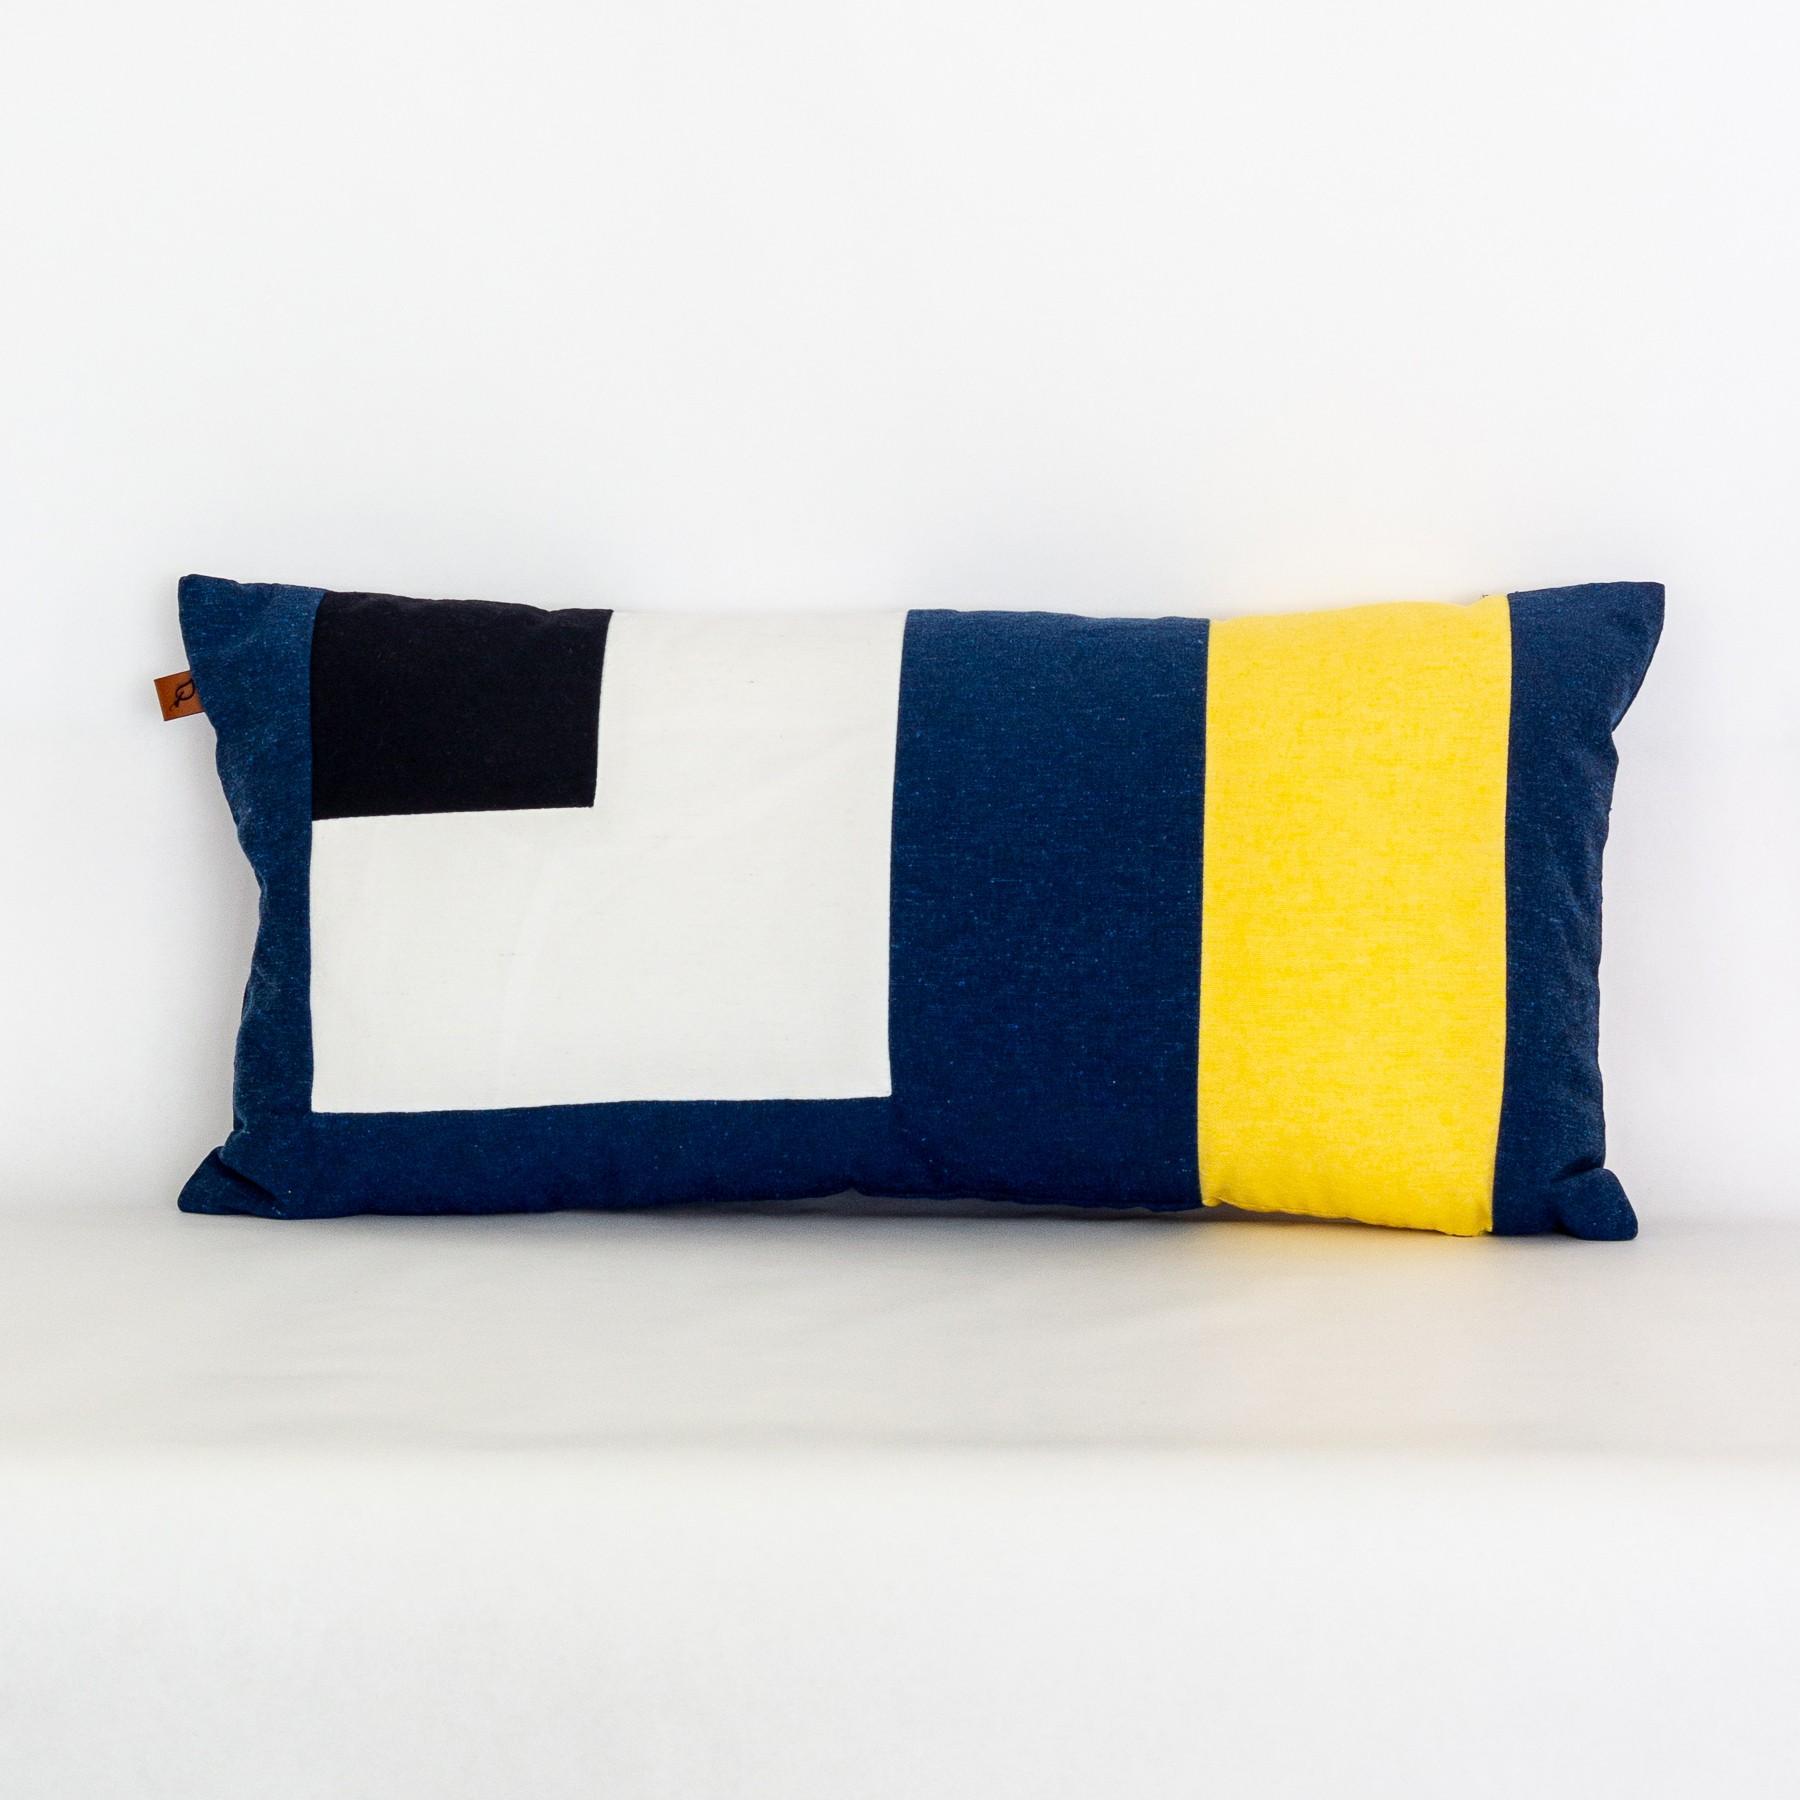 Almofada Retangular em Tecido Ecológico Pop-Art